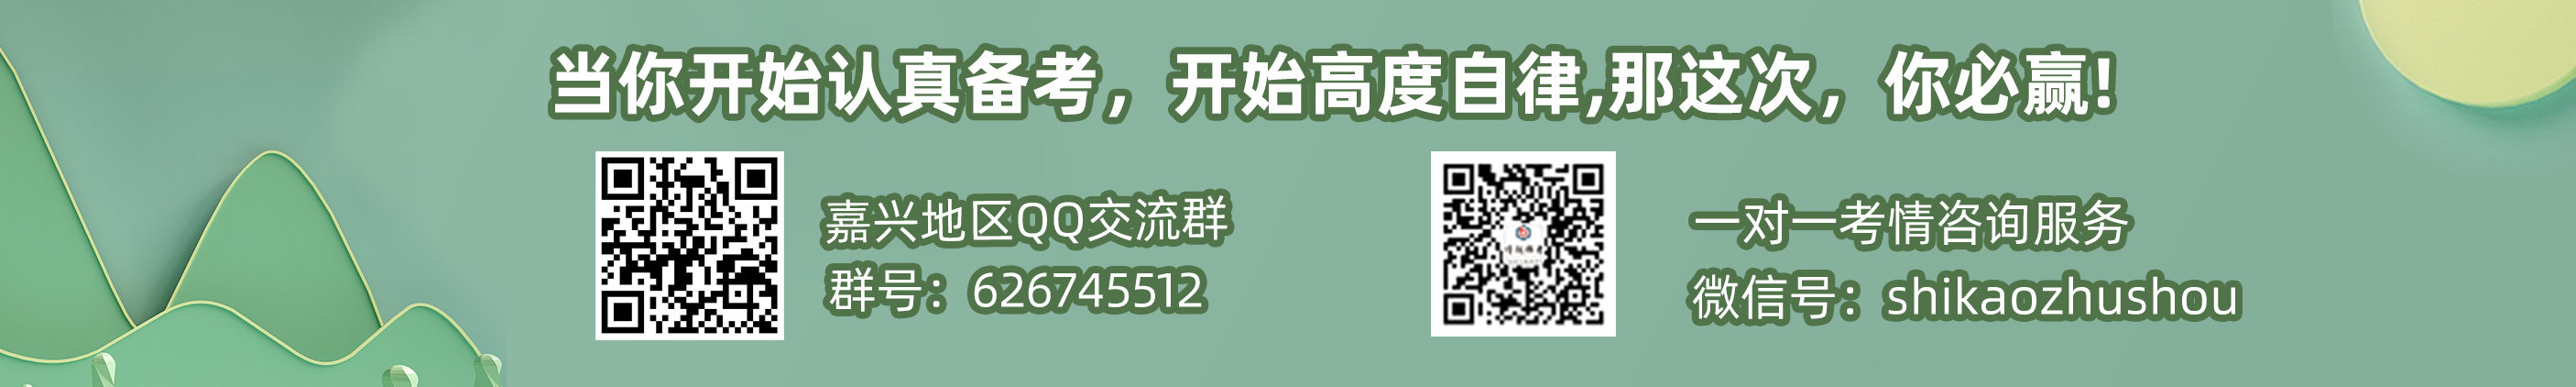 网页小banner嘉兴.png